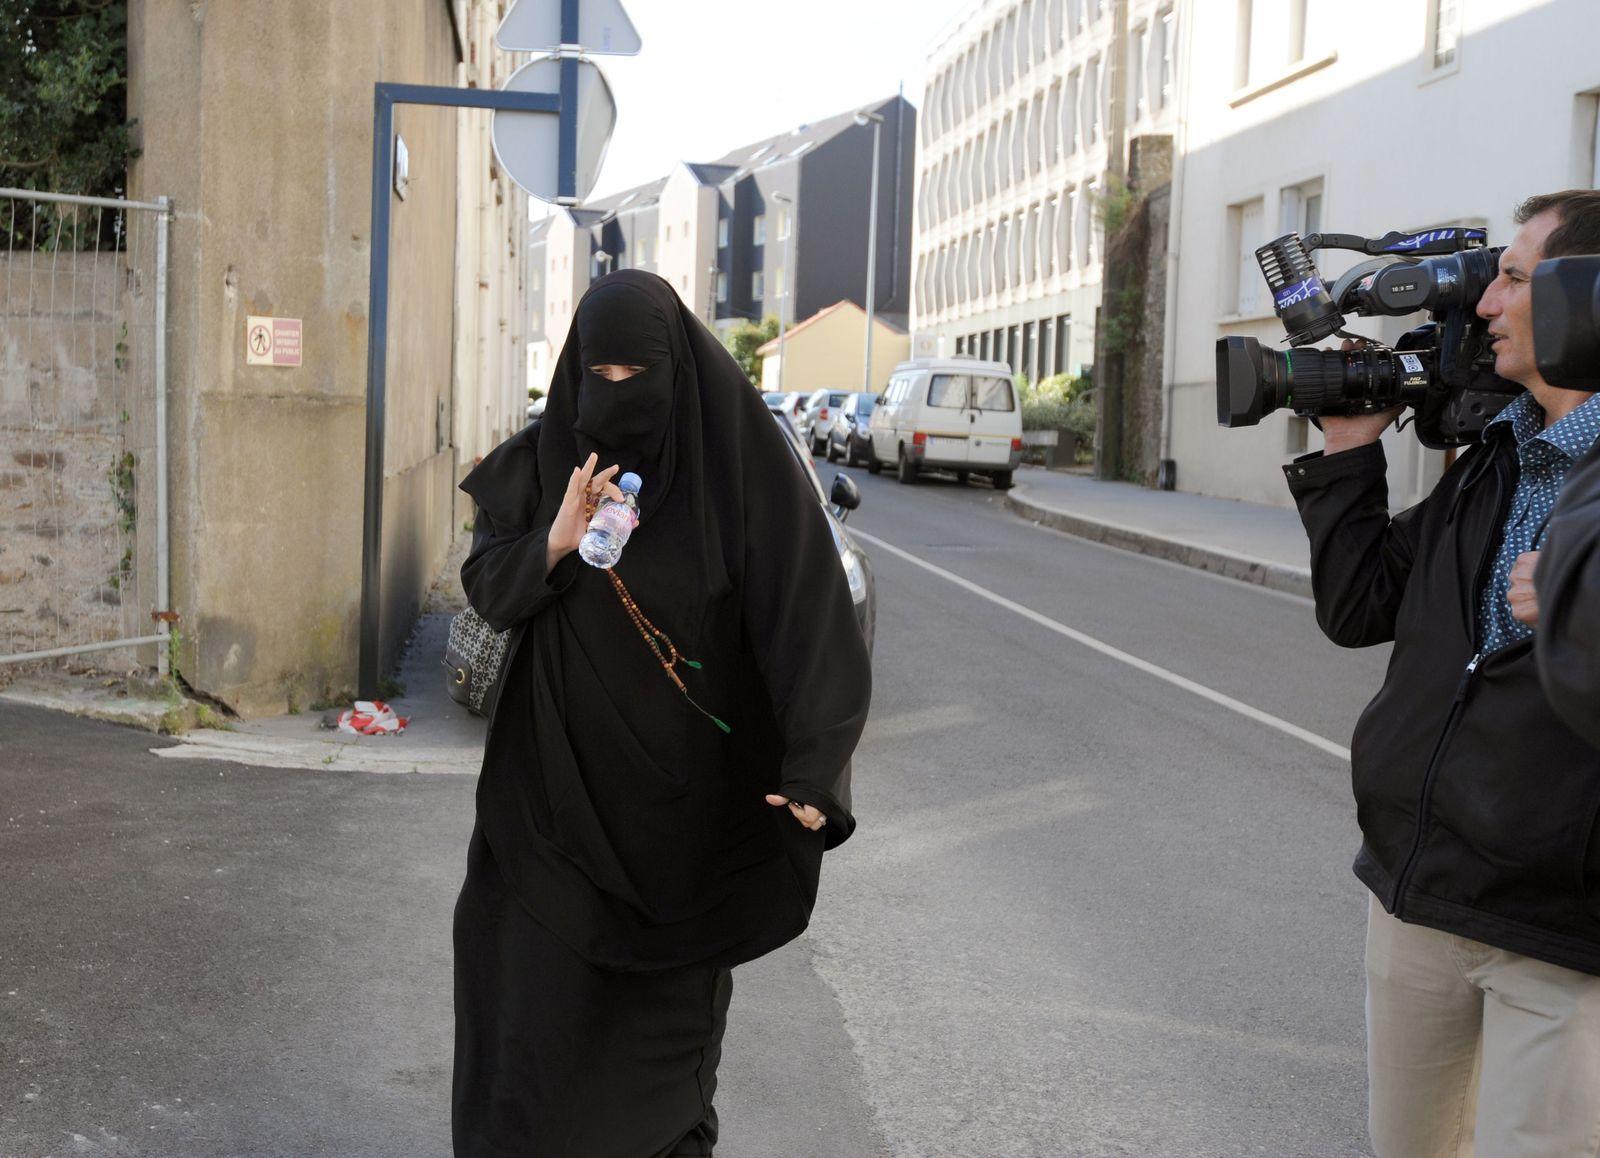 Frankreich/ Frau/ Niqab